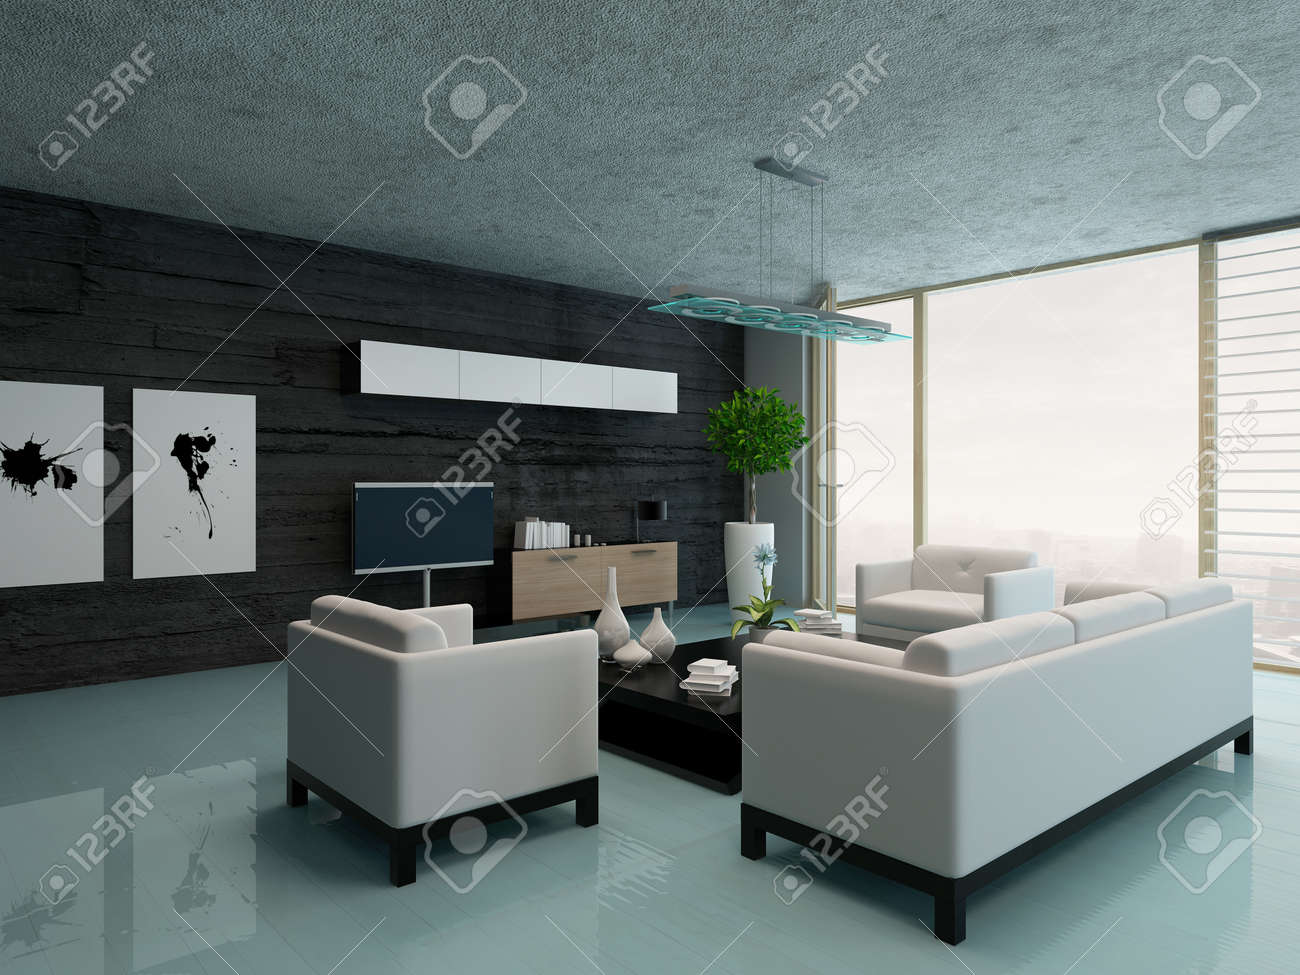 Modernes Design Wohnzimmer Innenraum Lizenzfreie Fotos, Bilder Und ...